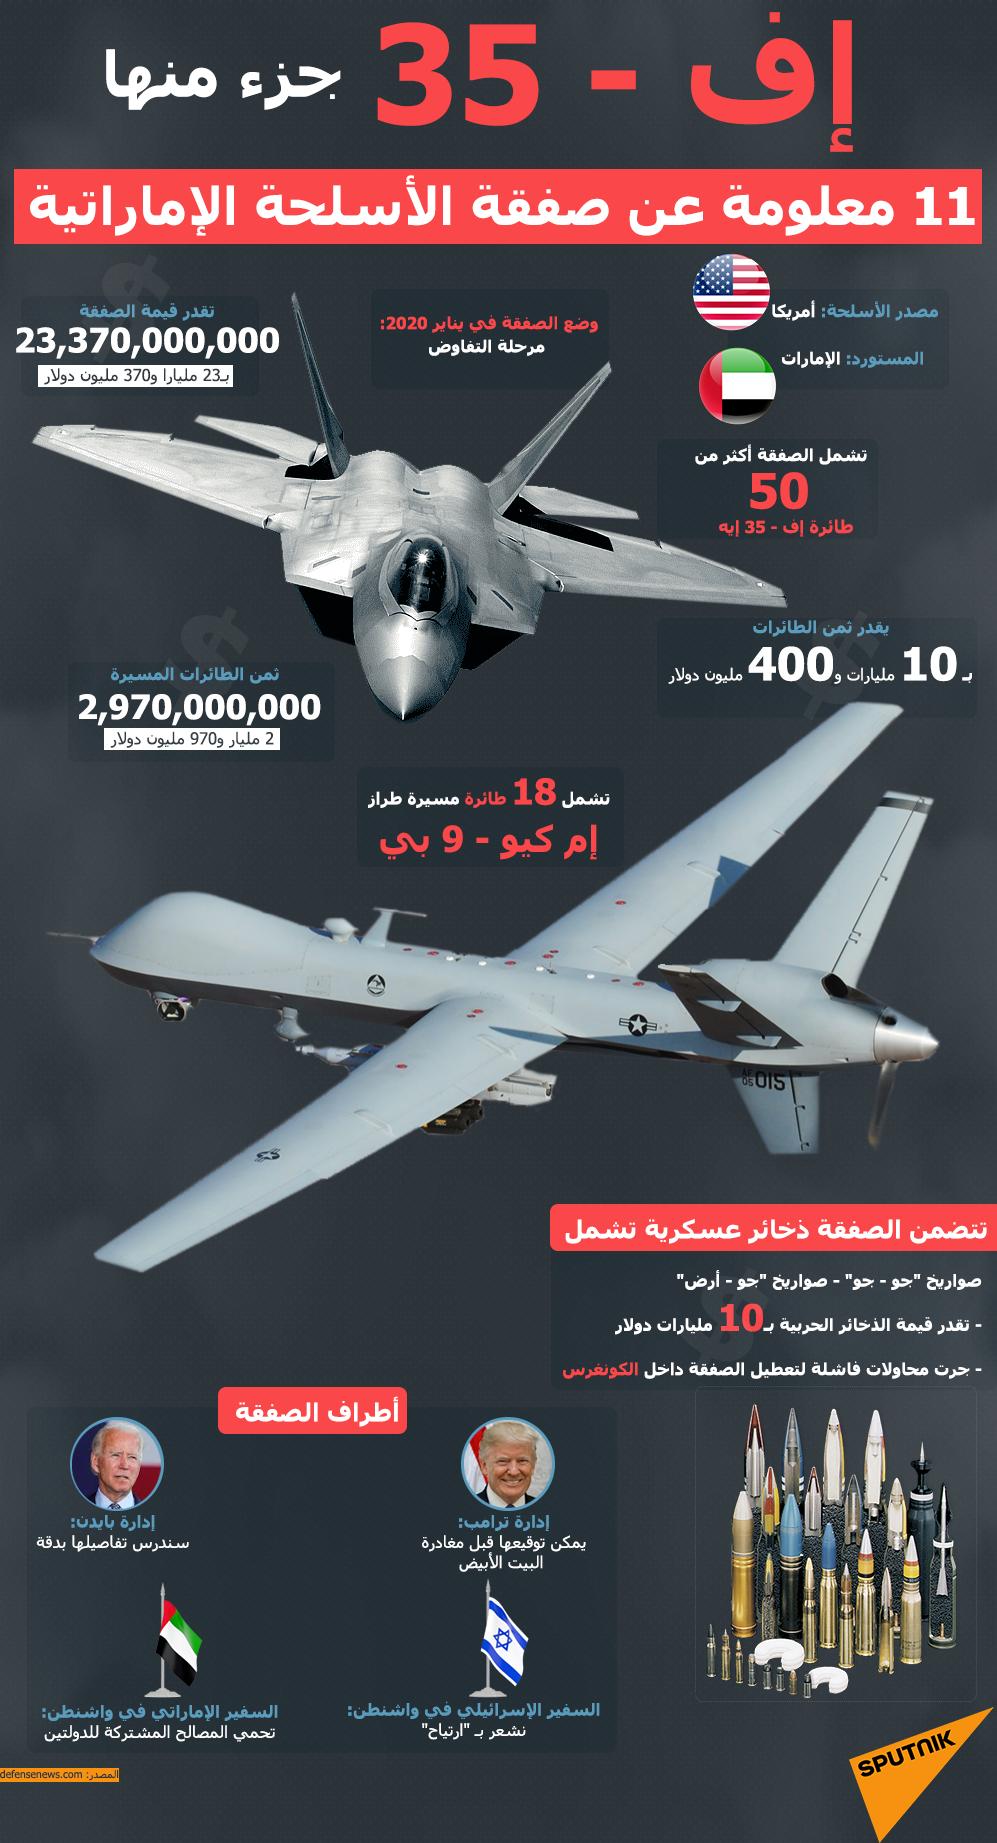 إف 35 جزء منها ... 11 معلومة عن صفقة السلاح الإماراتية